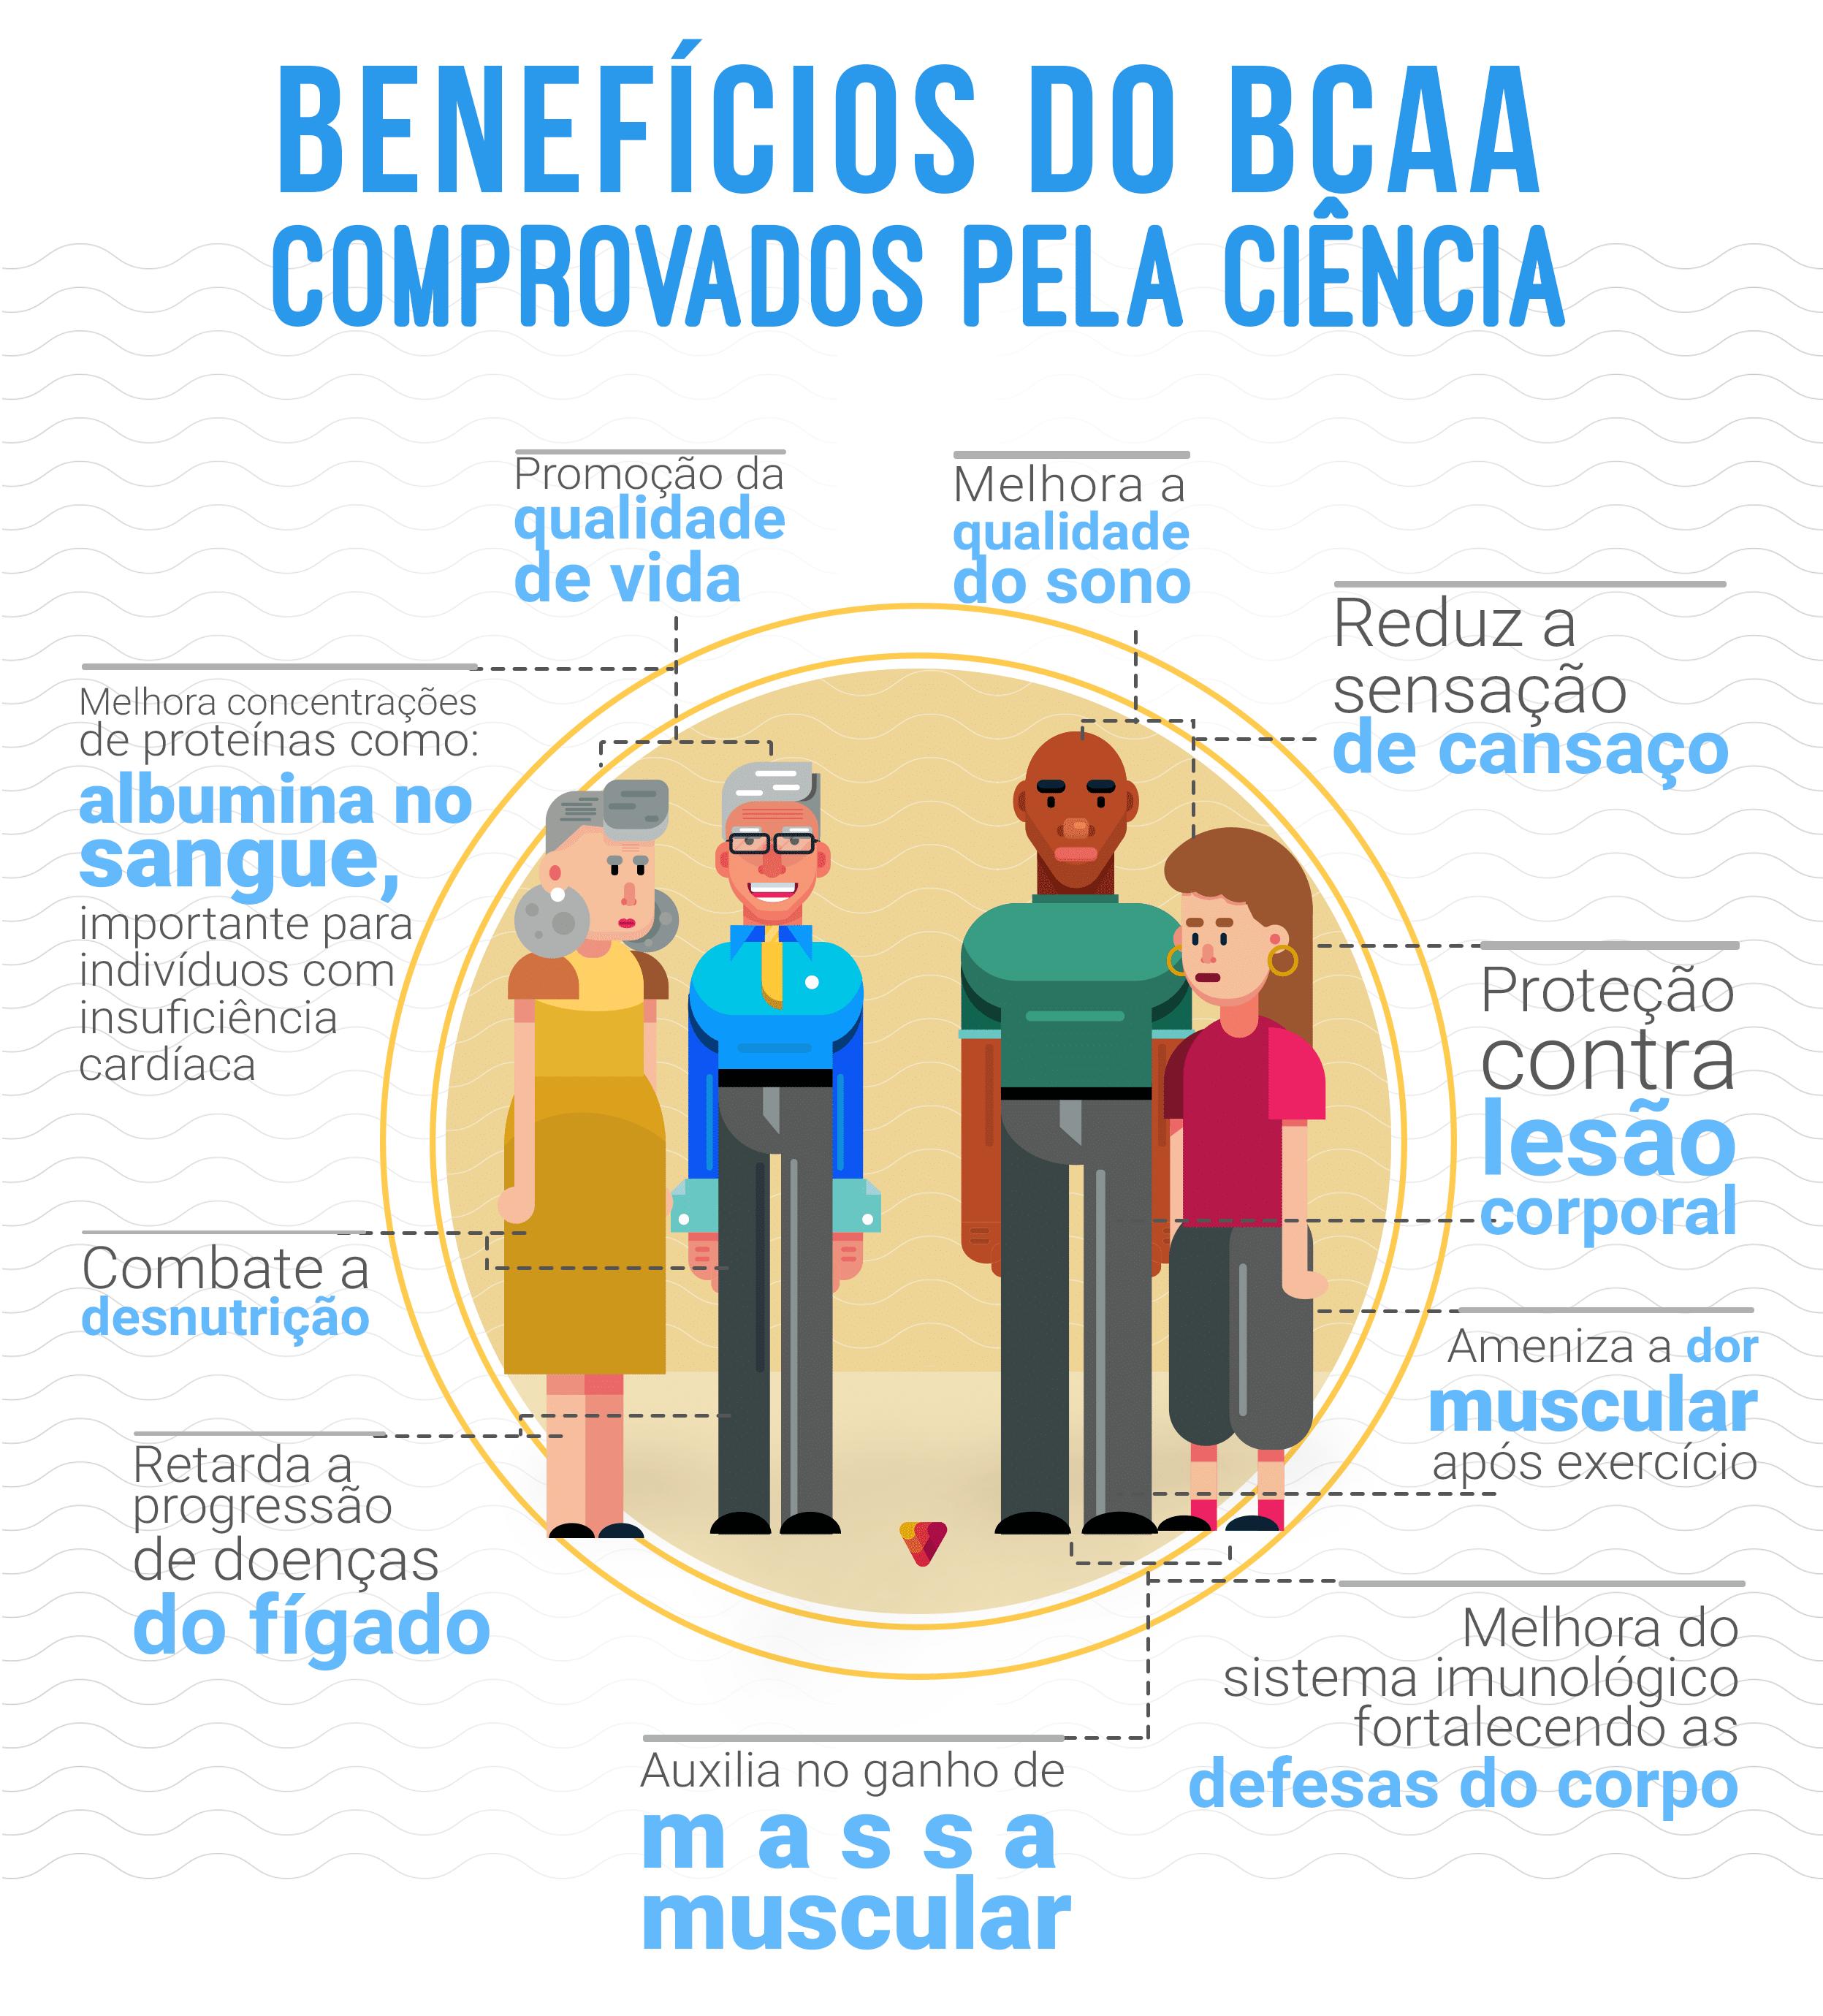 Benefícios do BCAA comprovado pela ciência